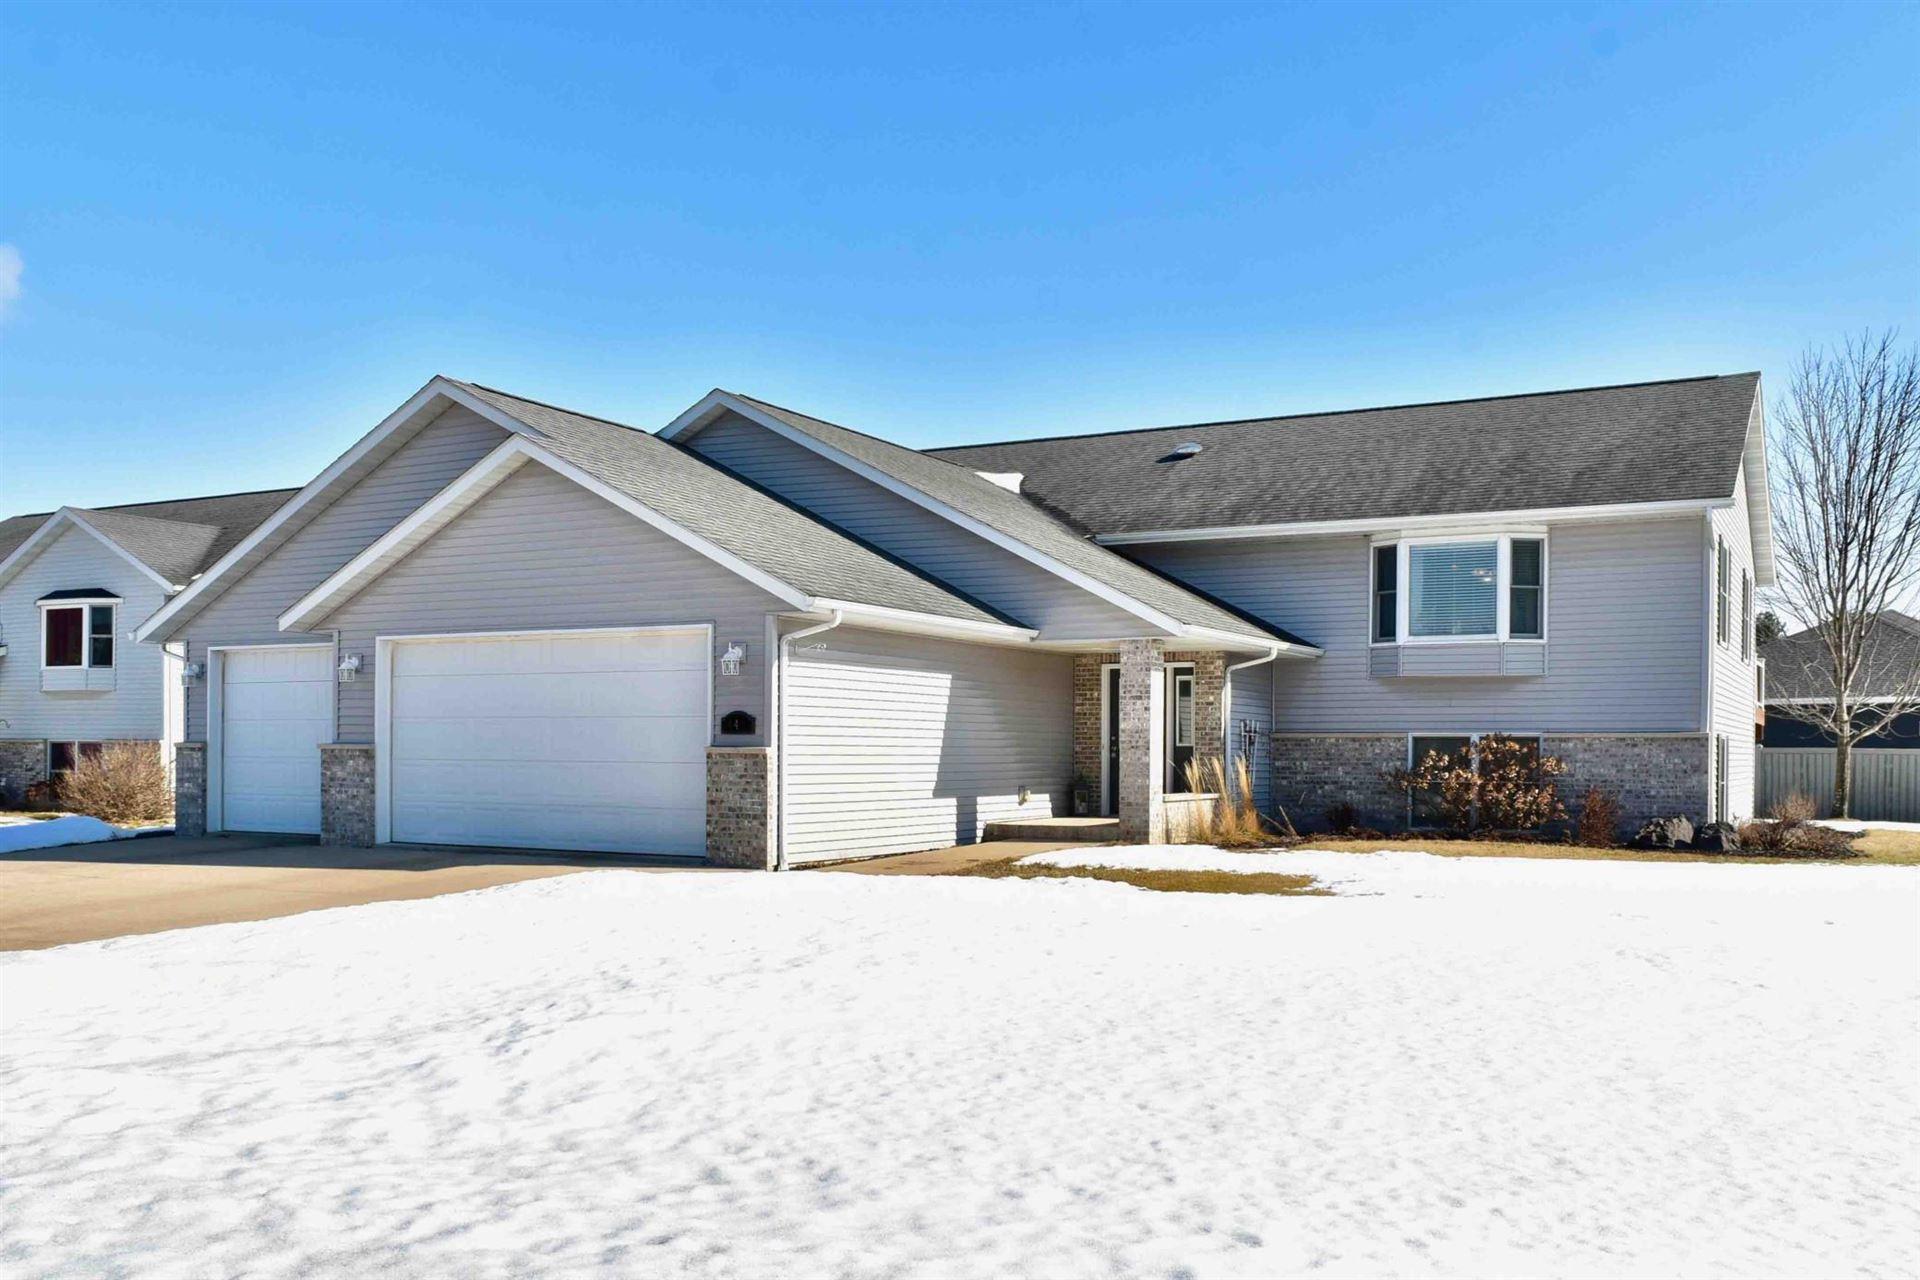 440 Connie Drive, Minnesota City, MN 55959 - MLS#: 5717336